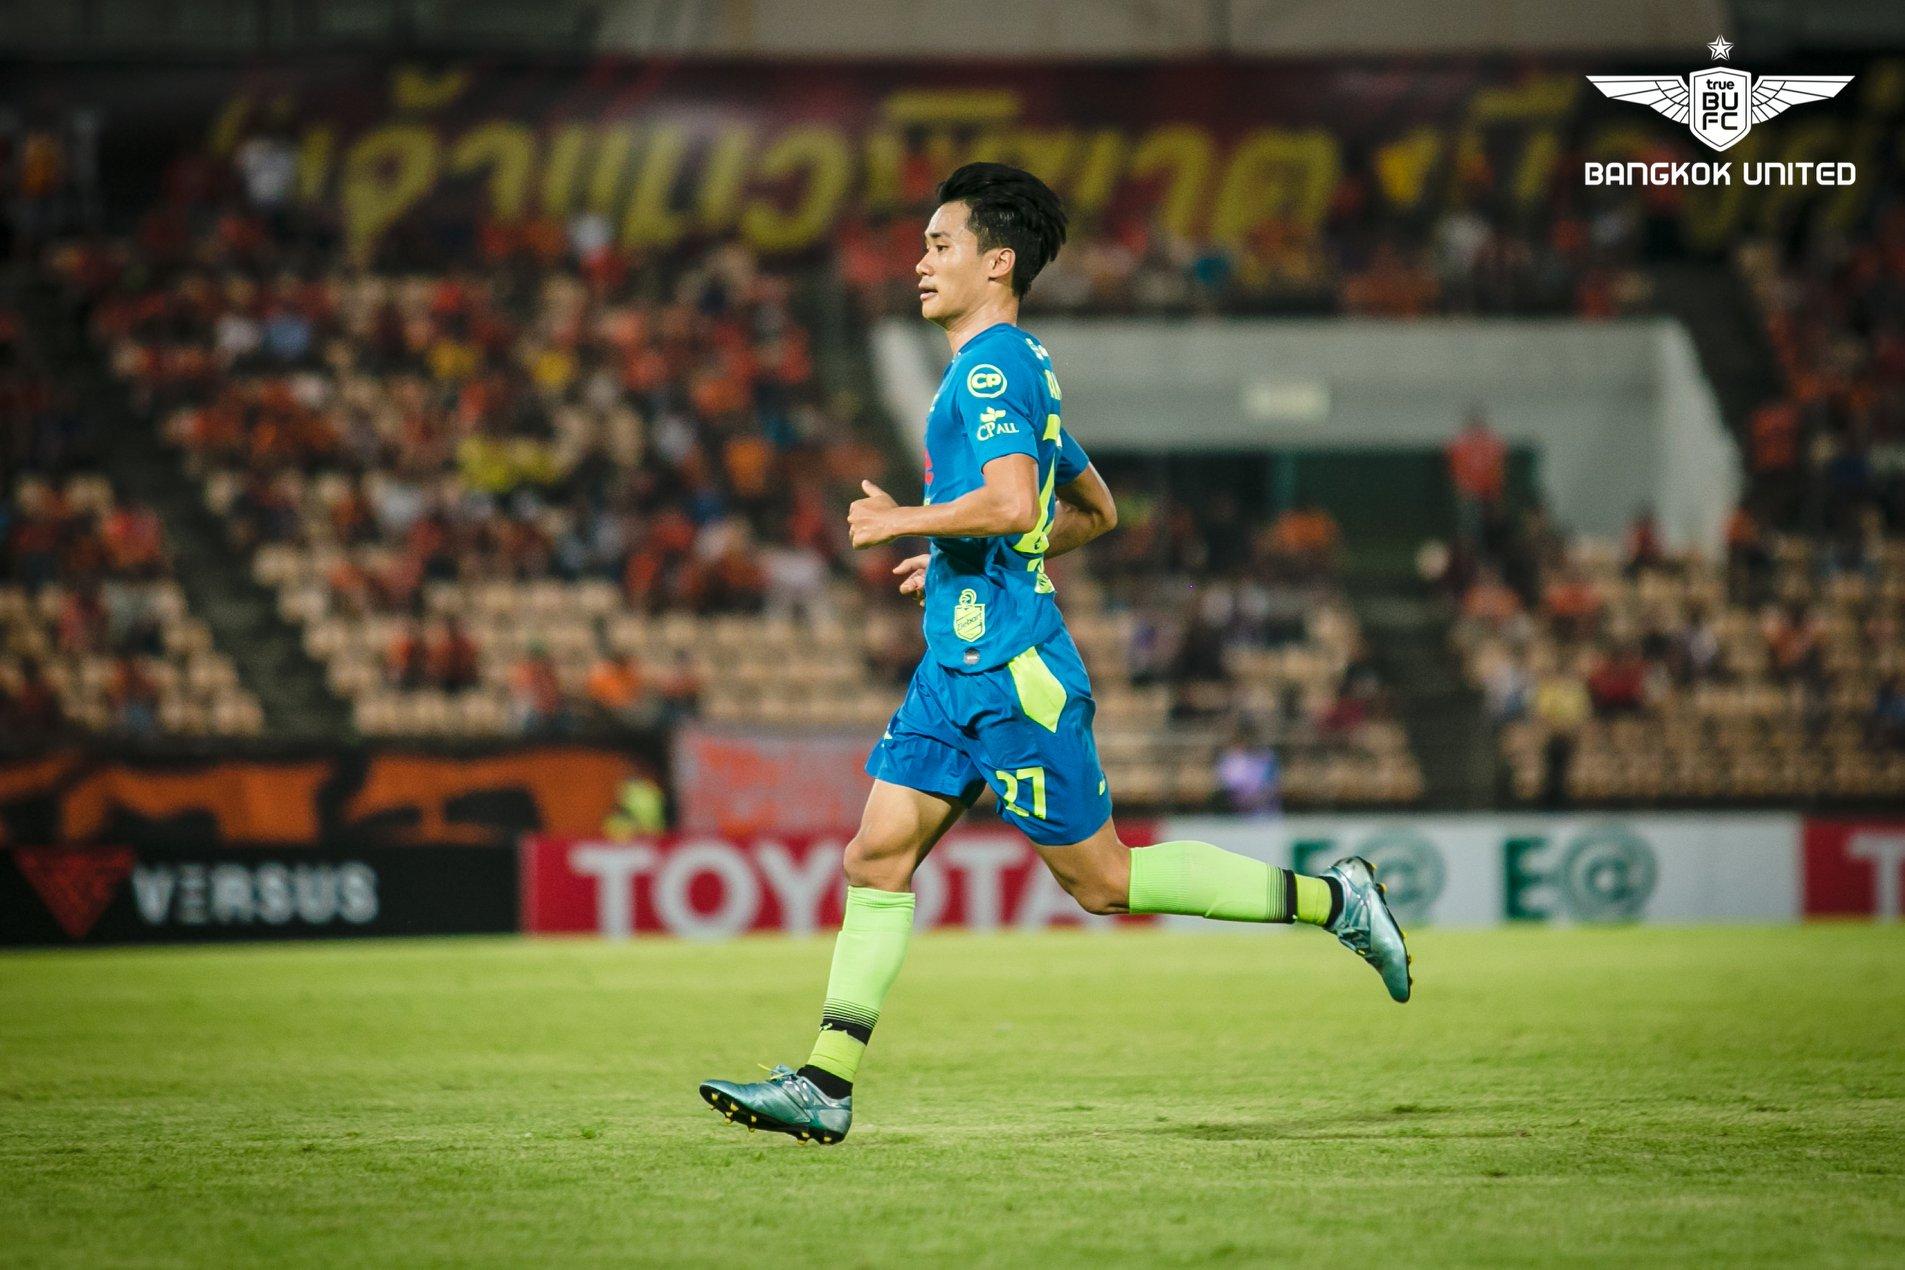 ผลการค้นหารูปภาพสำหรับ Toyota Thai League Young Player of the Week 5 : อานนท์ อมรเลิศศักดิ์